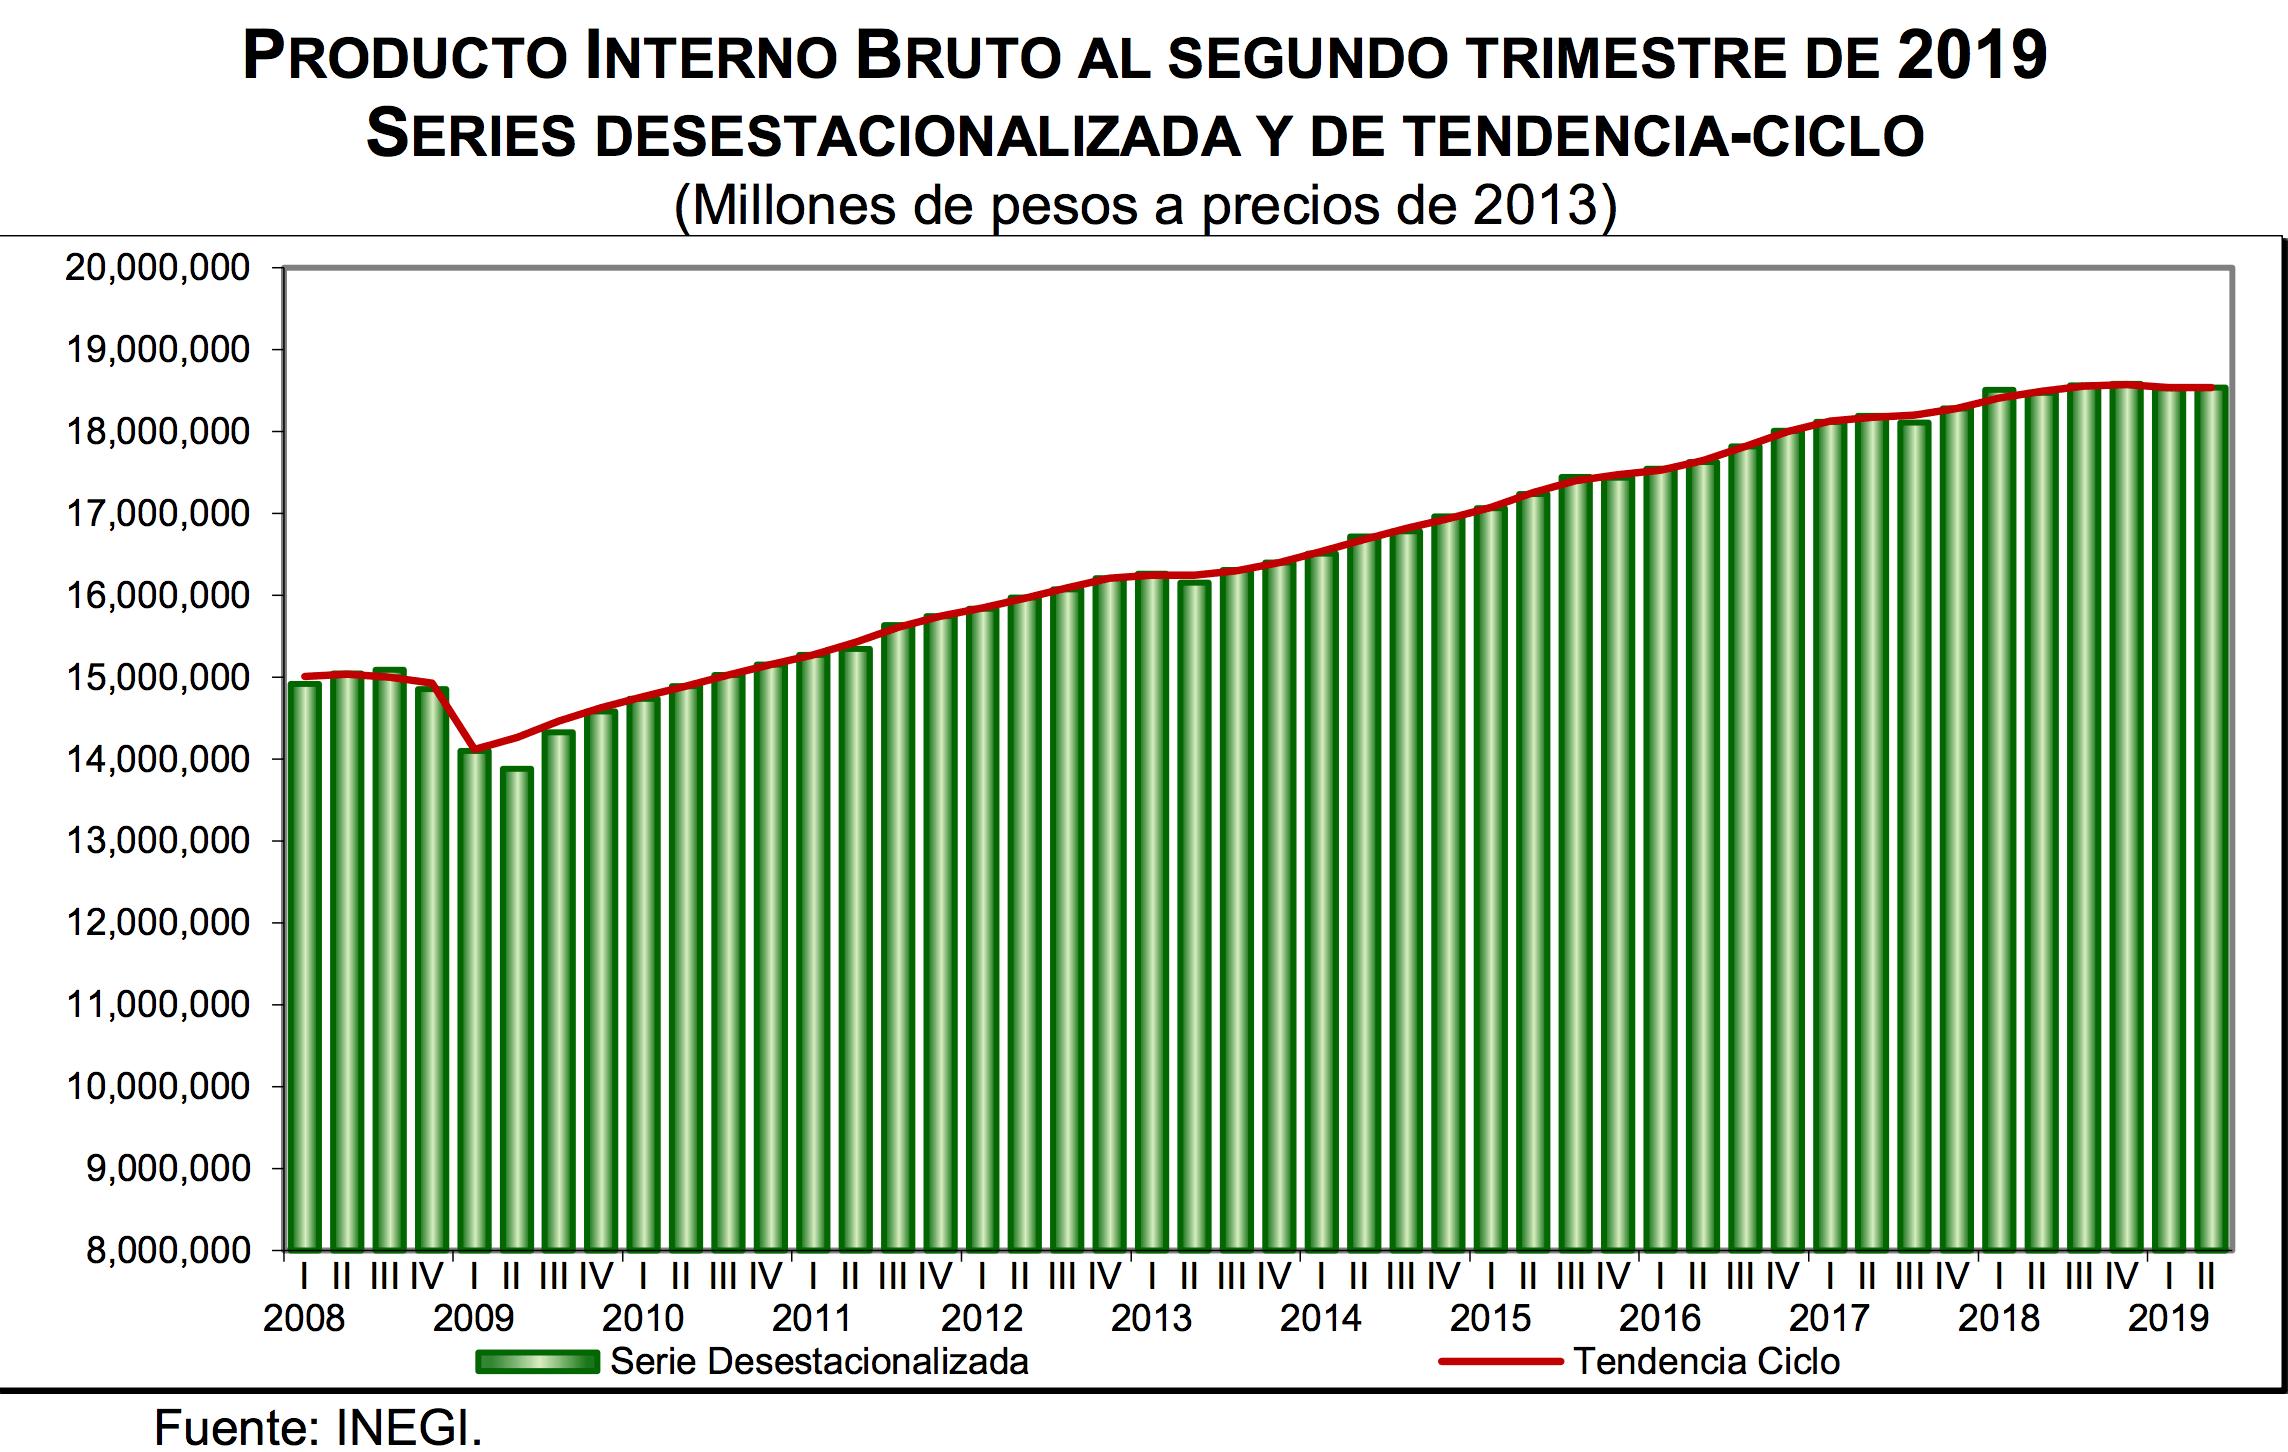 El PIB de México al segundo trimestre de 2019. Series desestacionalizada y de tendencia ciclo (cifras en millones de pesos a precios de 2013), Datos de INEGI